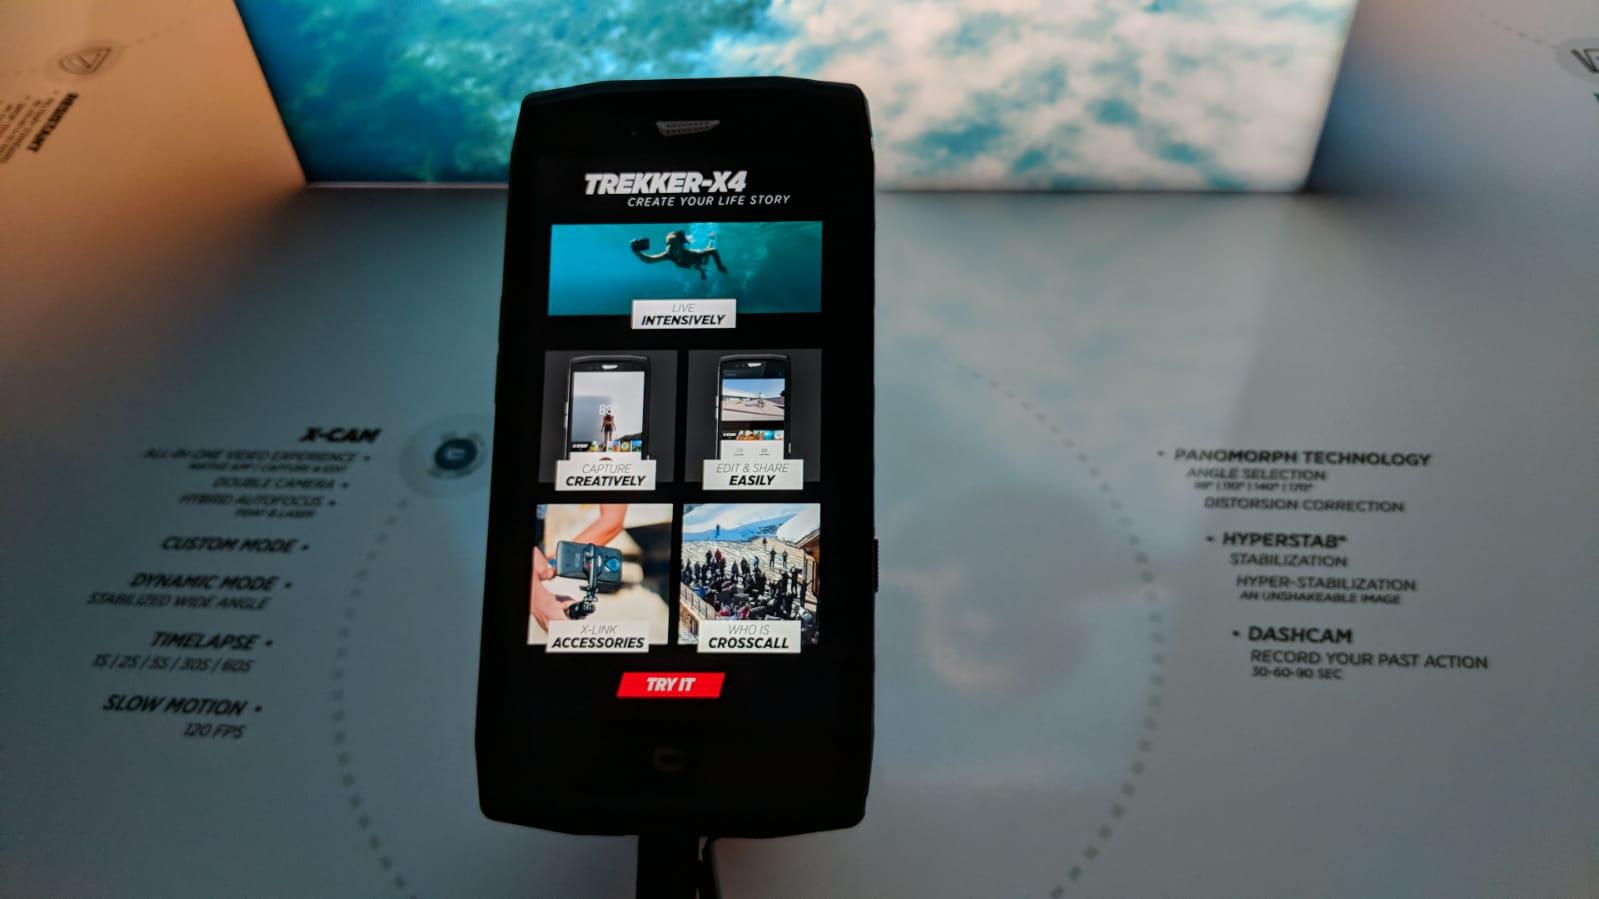 Crosscall Trekker-X4 ufficiale: caratteristiche, prezzo e disponibilità dello smartphone che è anche action-cam thumbnail